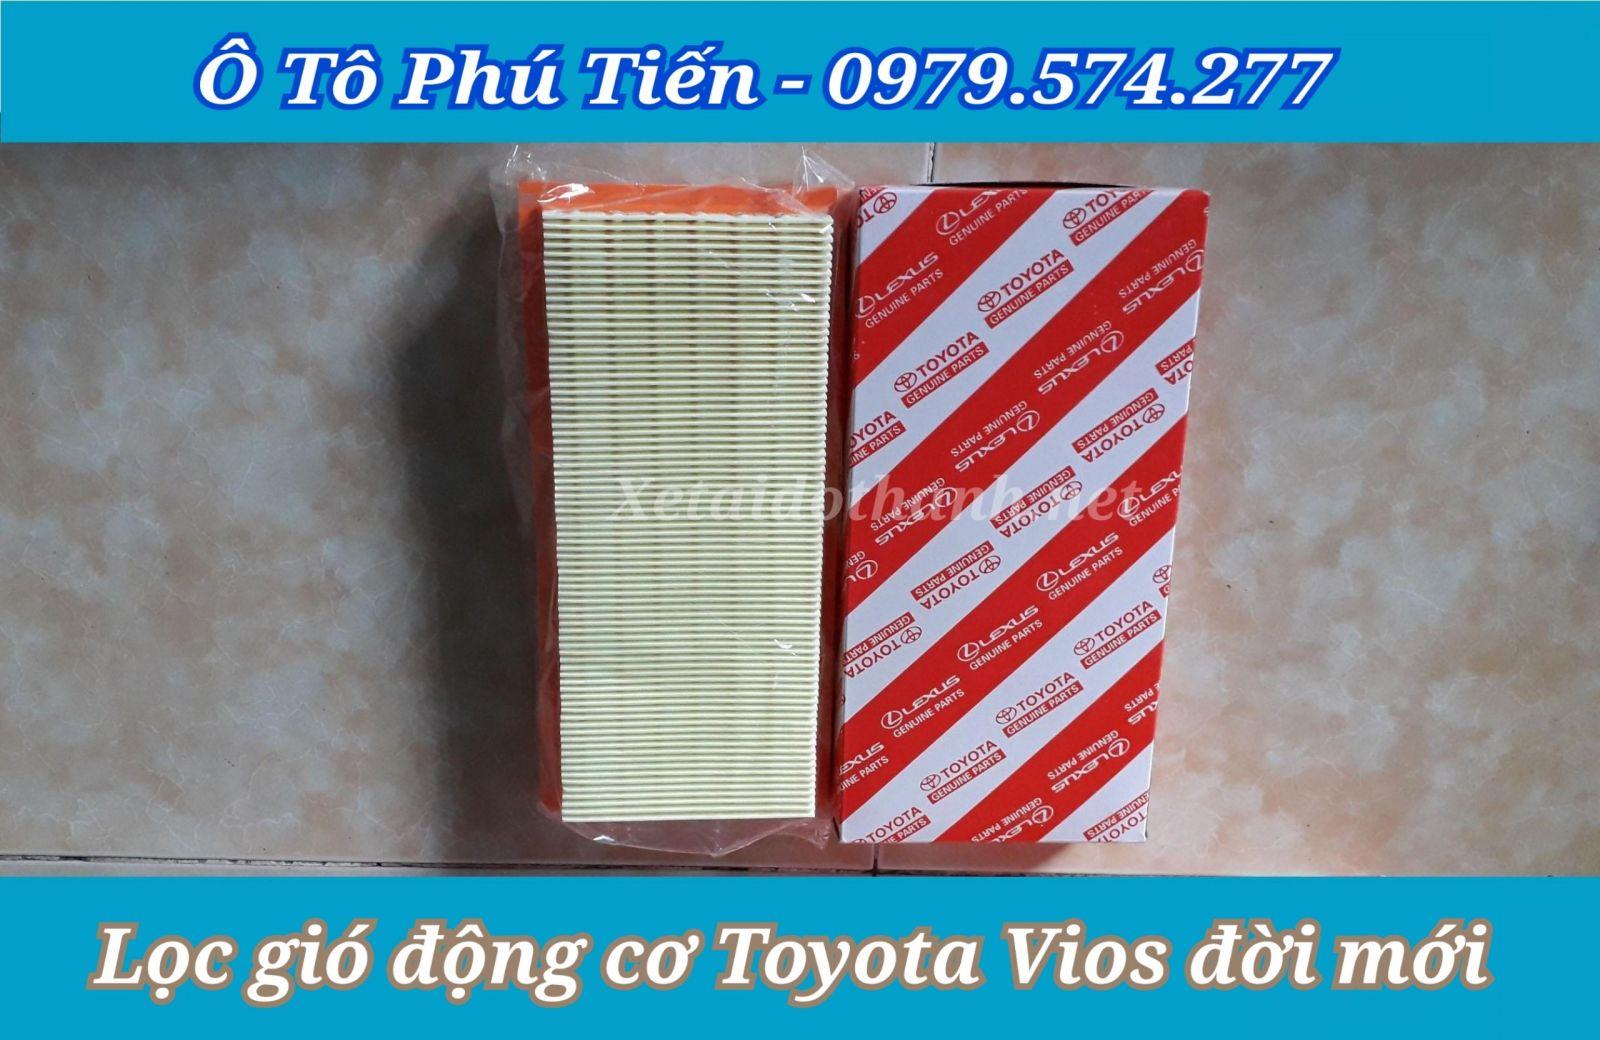 Lọc gió động cơ Toyota Vios chất lượng cao